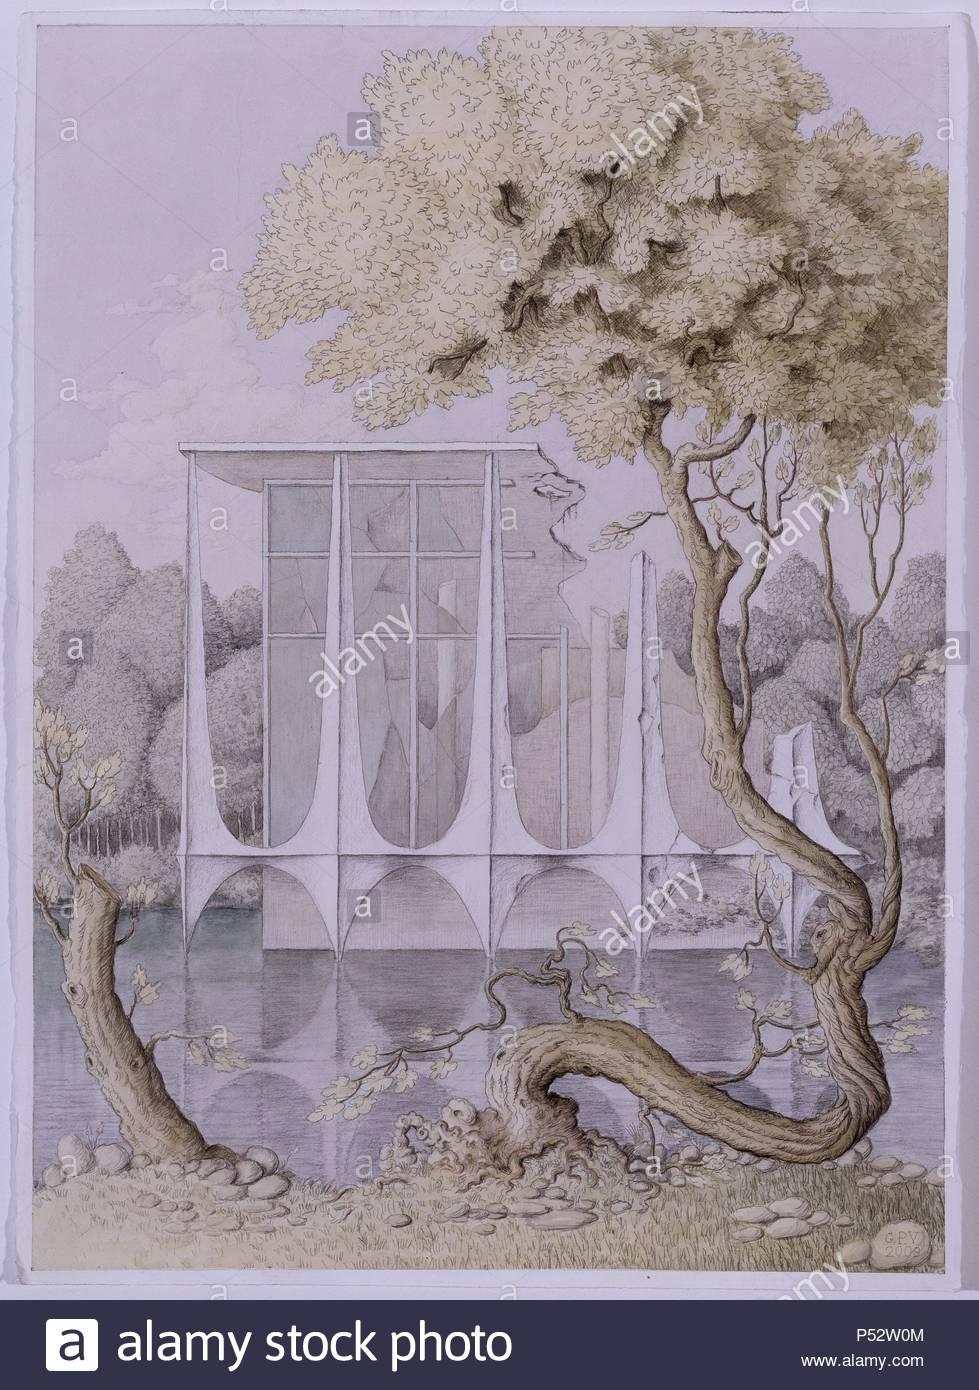 'Paisaje con ruina del palacio de la Alborada', 2009, Watercolor on paper, 56 x 76,5 cm. Author: Guillermo Pérez Villalta (b. 1948). Location: GALERIA SOLEDAD LORENZO, MADRID, SPAIN. - Stock Image